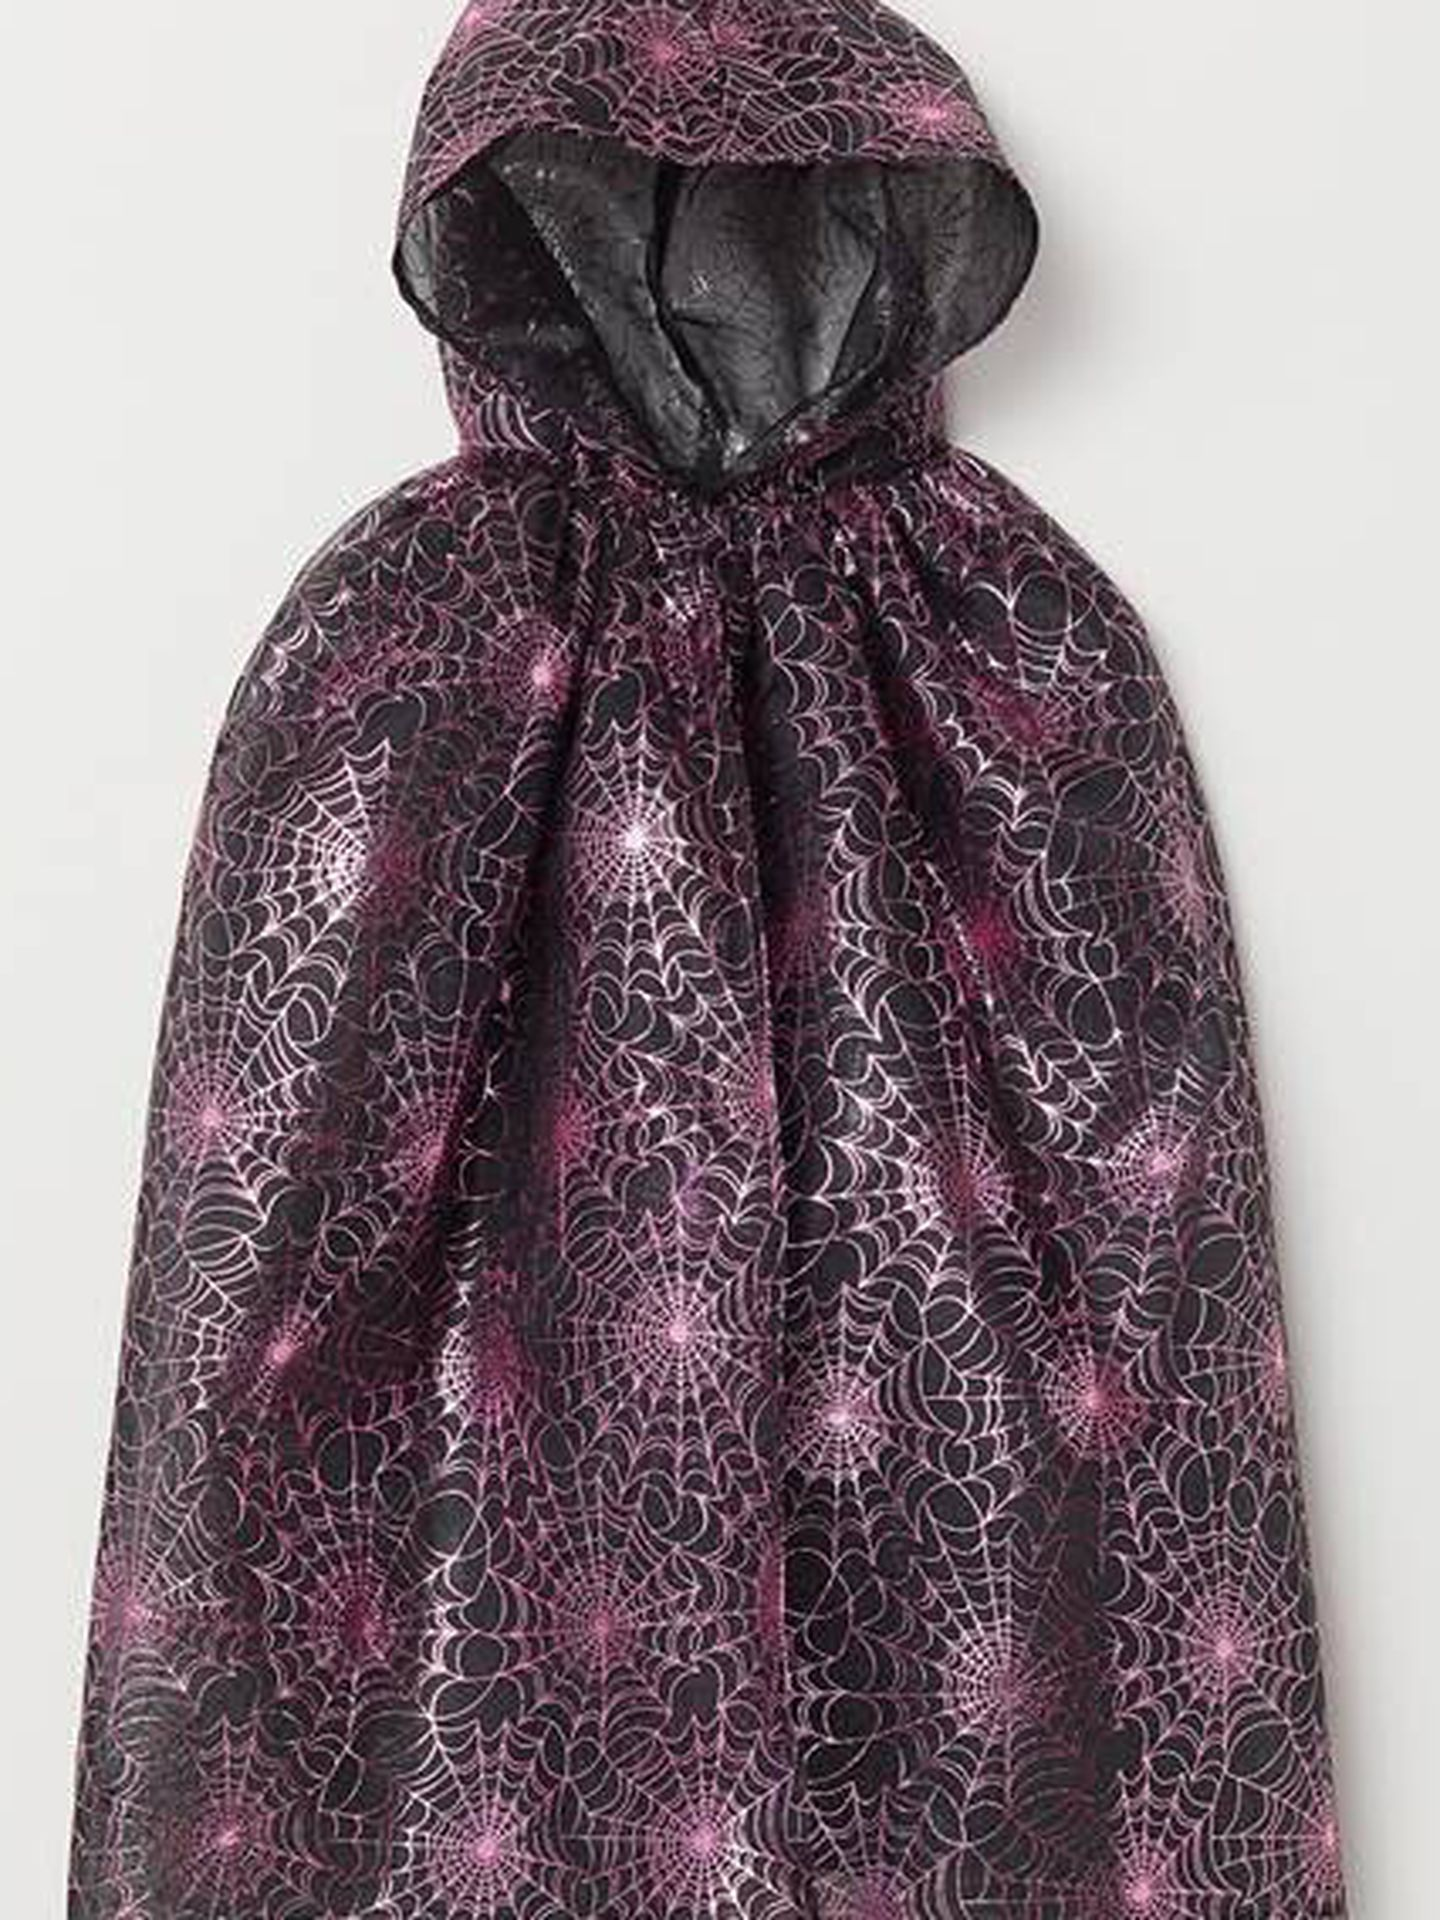 Capa para niña de la edición limitada de la firma H&M (19,99 euros).